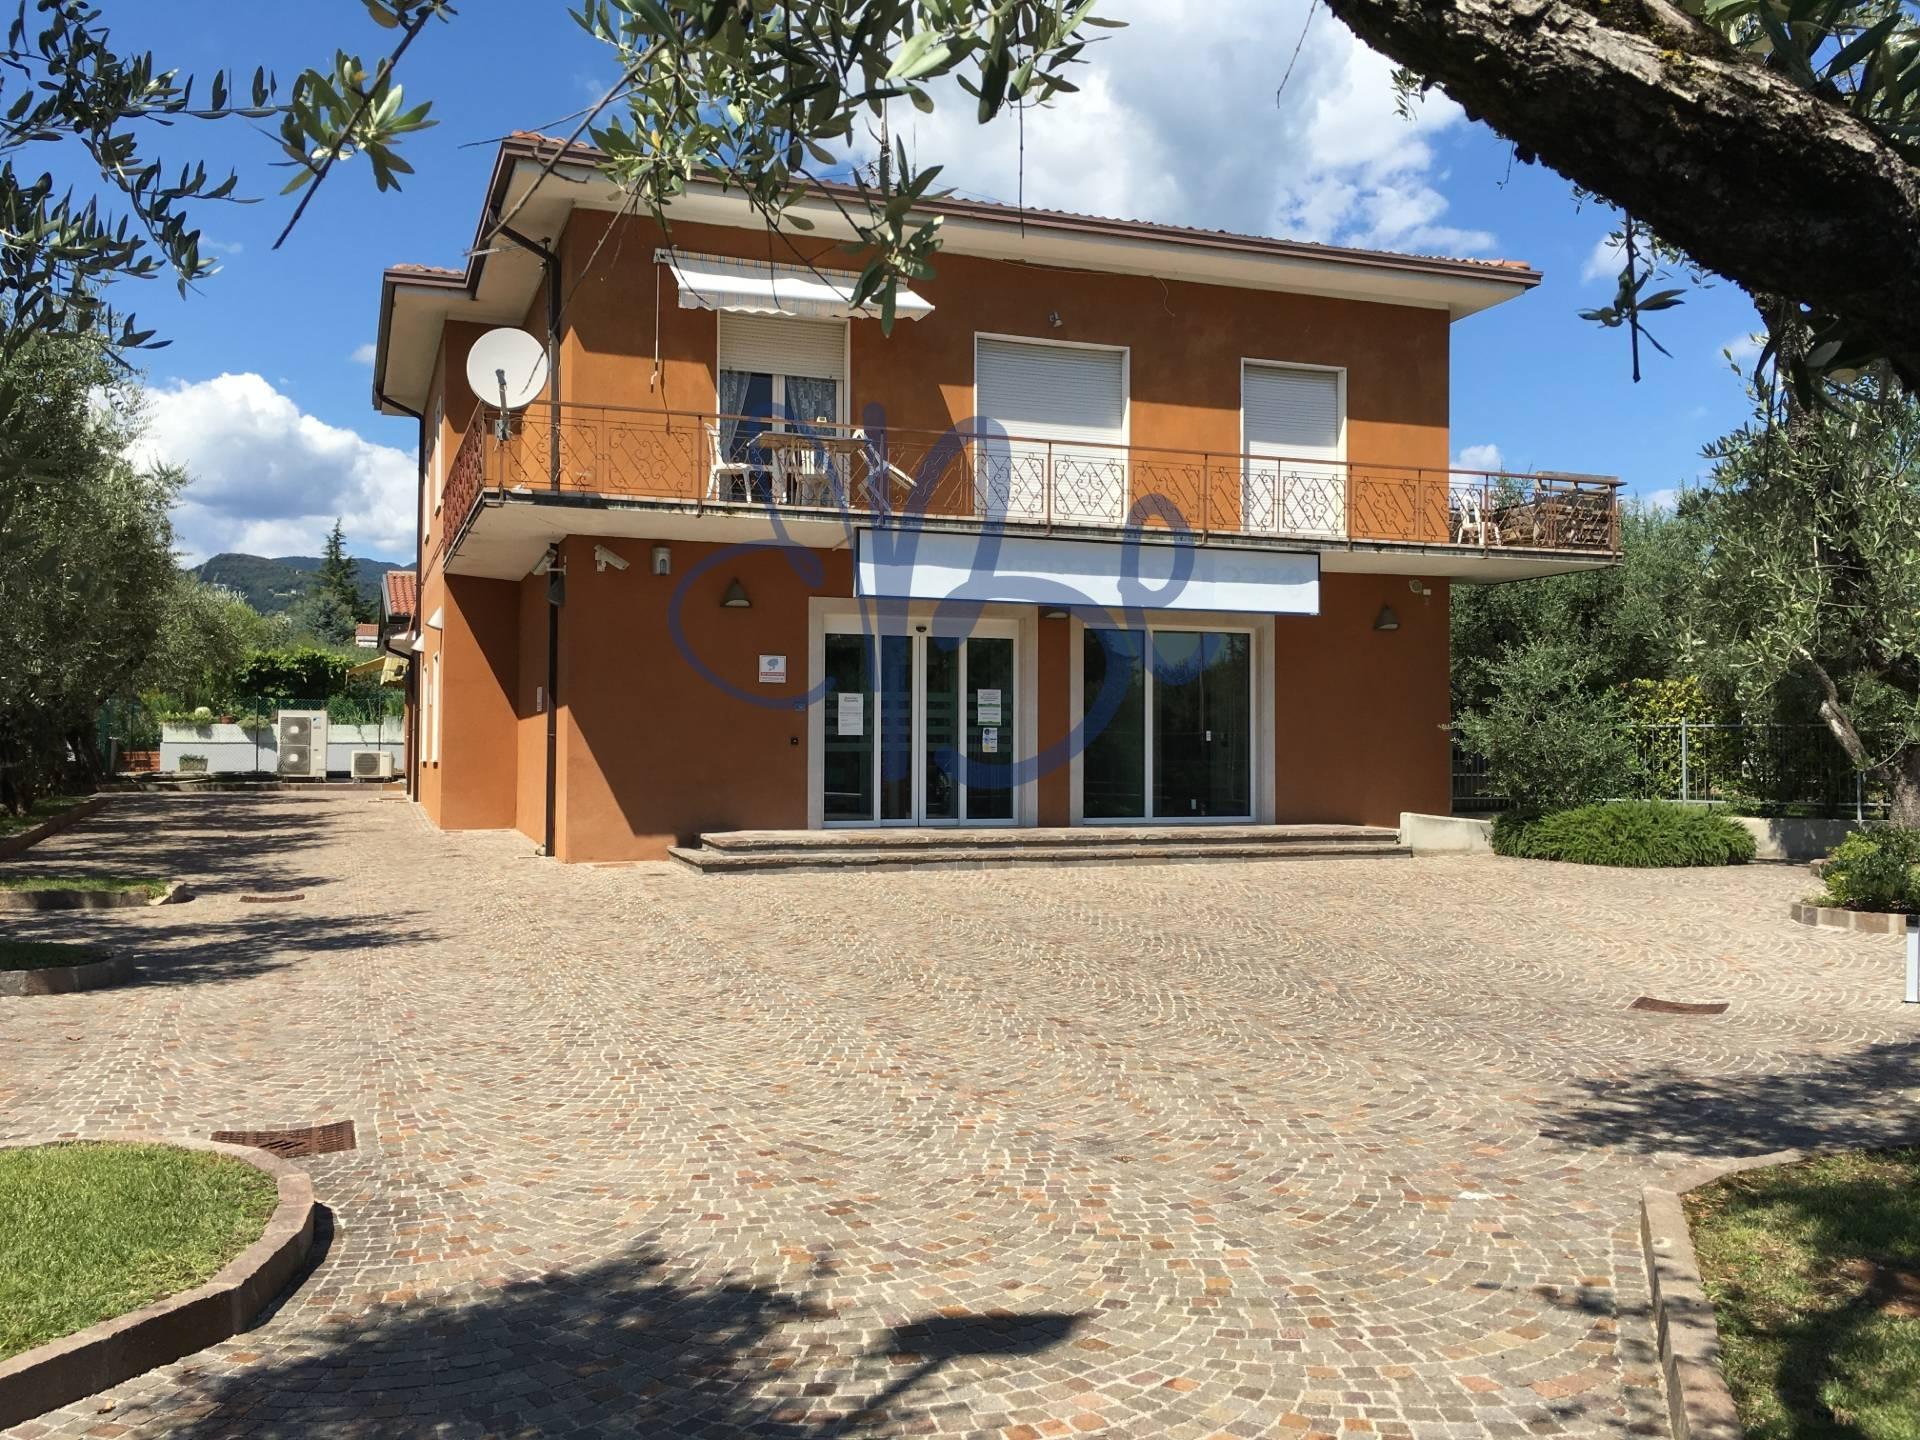 Negozio / Locale in affitto a San Felice del Benaco, 9999 locali, prezzo € 1.800   Cambio Casa.it